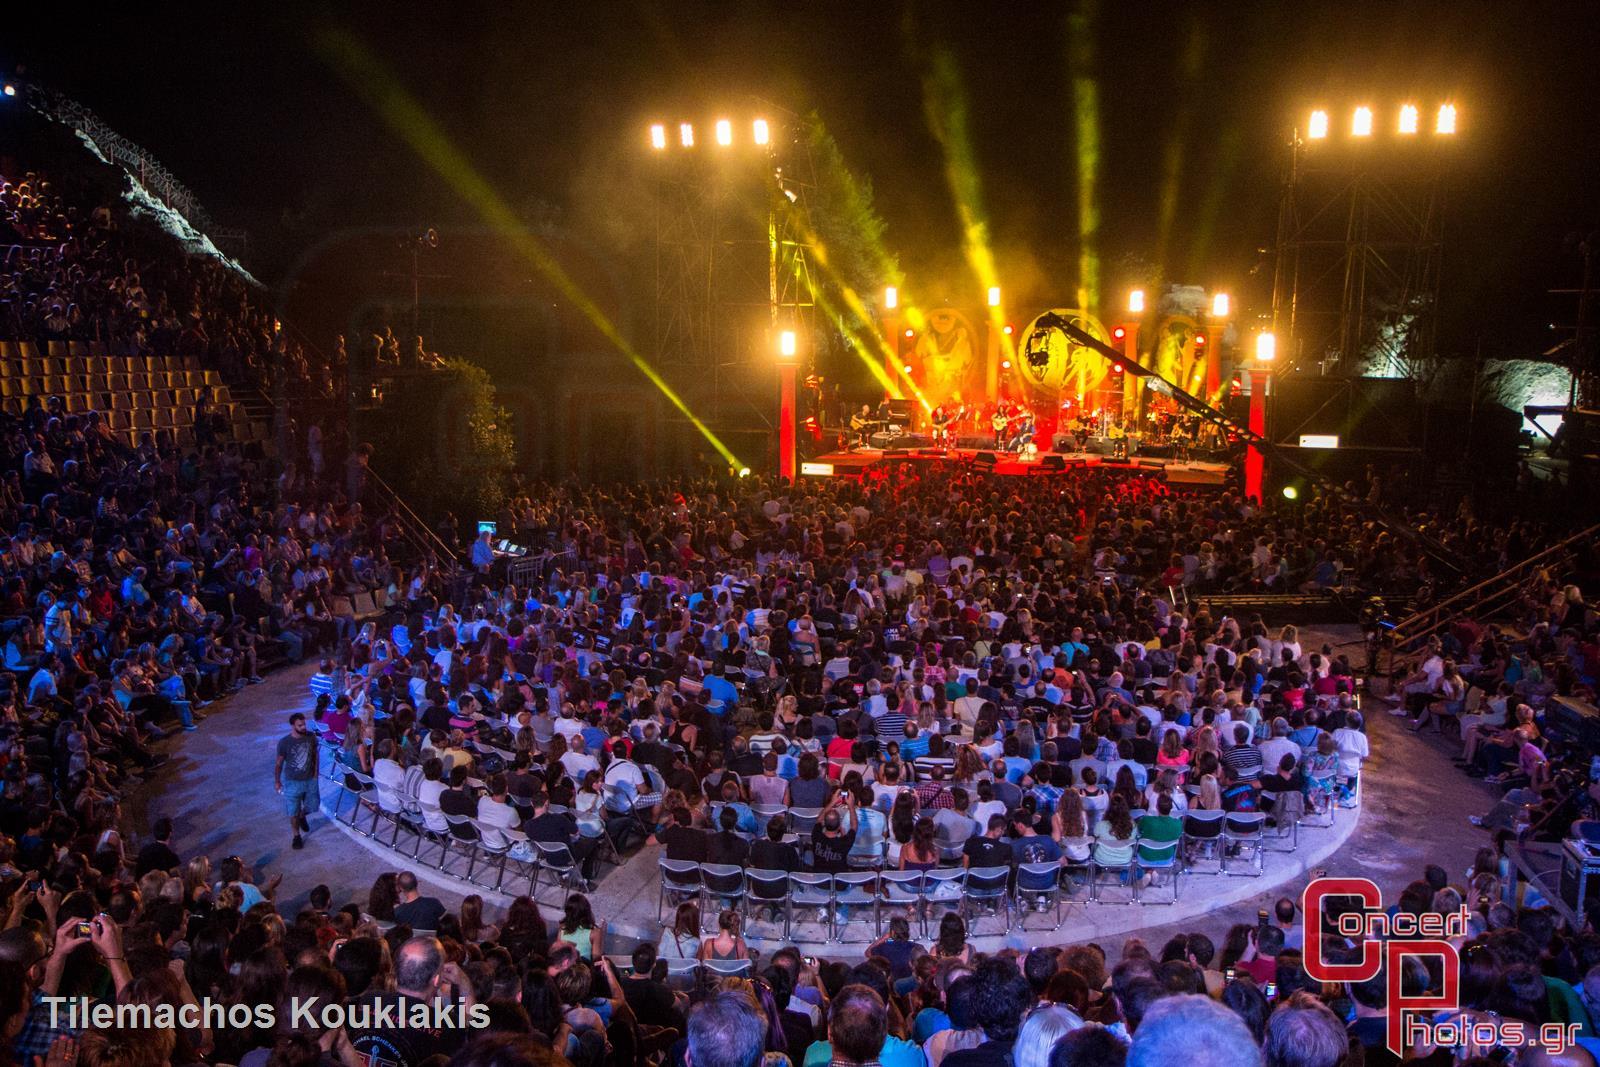 Scorpions-Scorpions photographer: Tilemachos Kouklakis - concertphotos_-6635